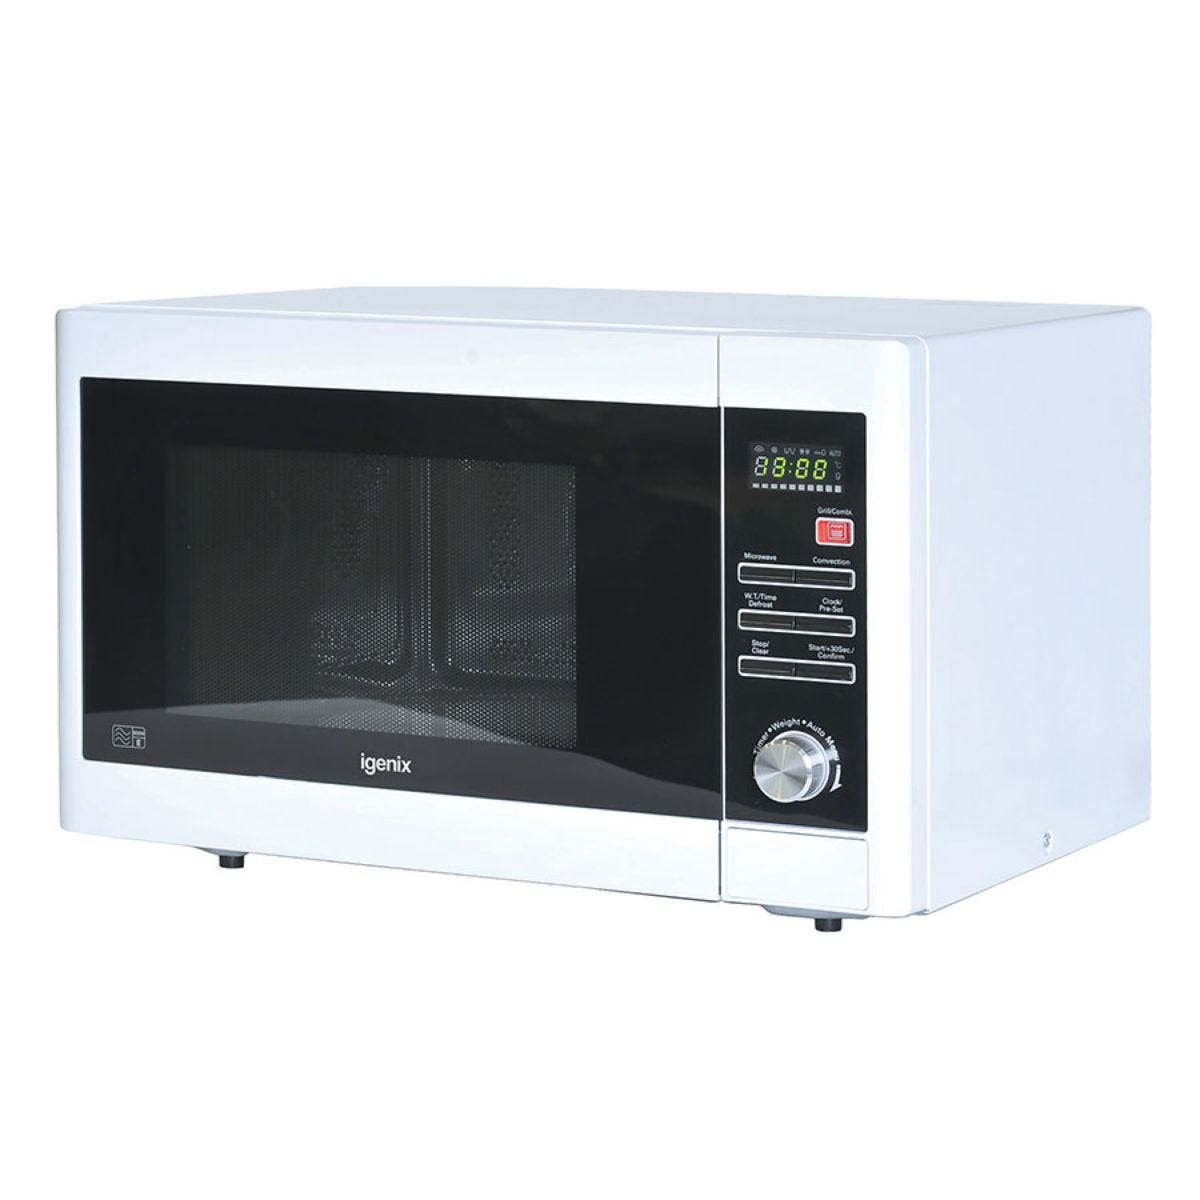 Igenix IG3093 900W Family Size 30L Digital Microwave - White